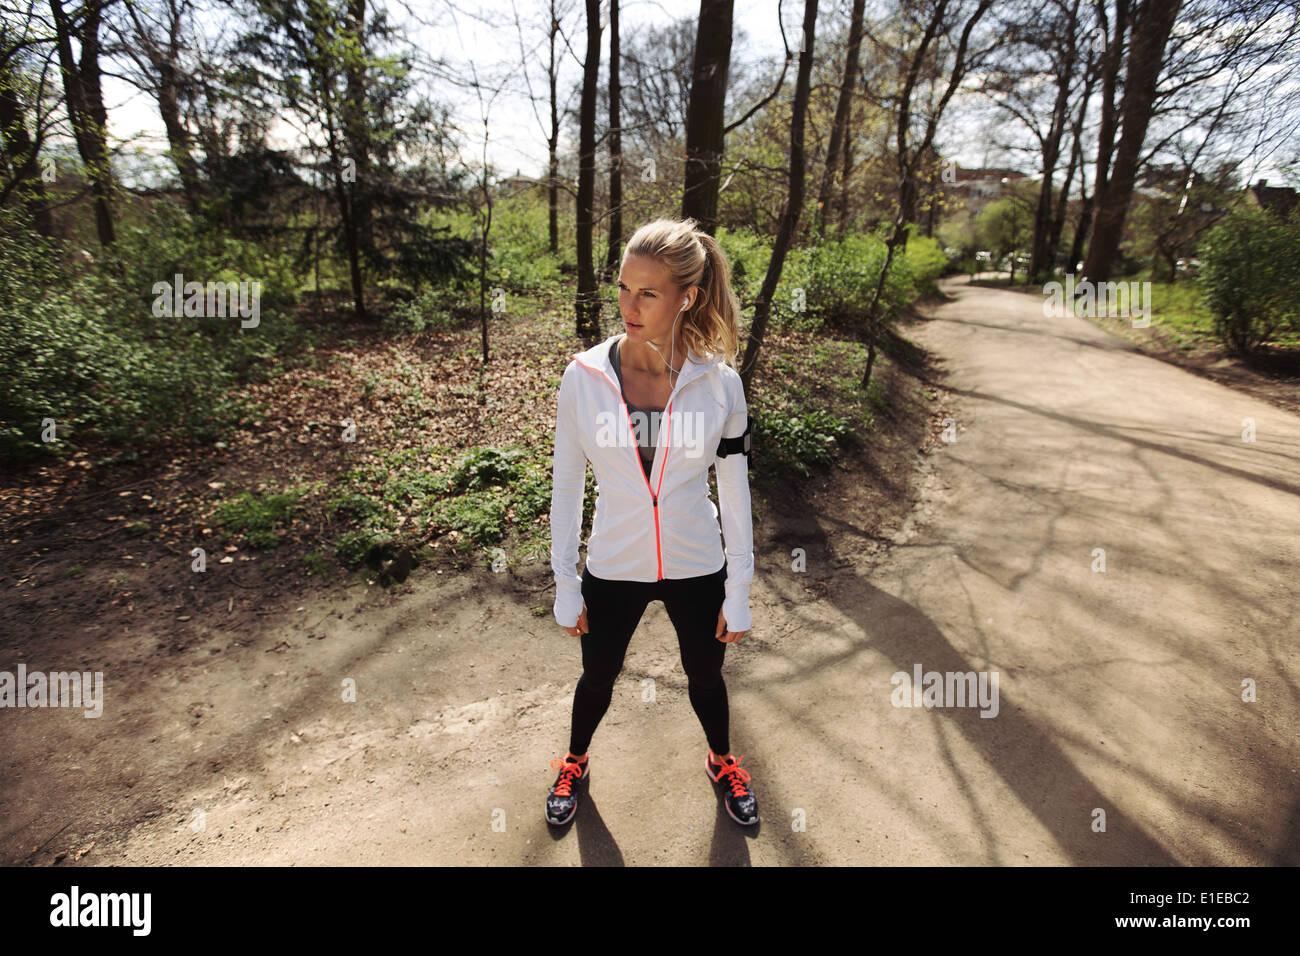 Junge Frau in Ausübung Kleidung stehend auf einem Waldweg wegsehen. Fitness Frauen auf im freien Trainings. Stockbild